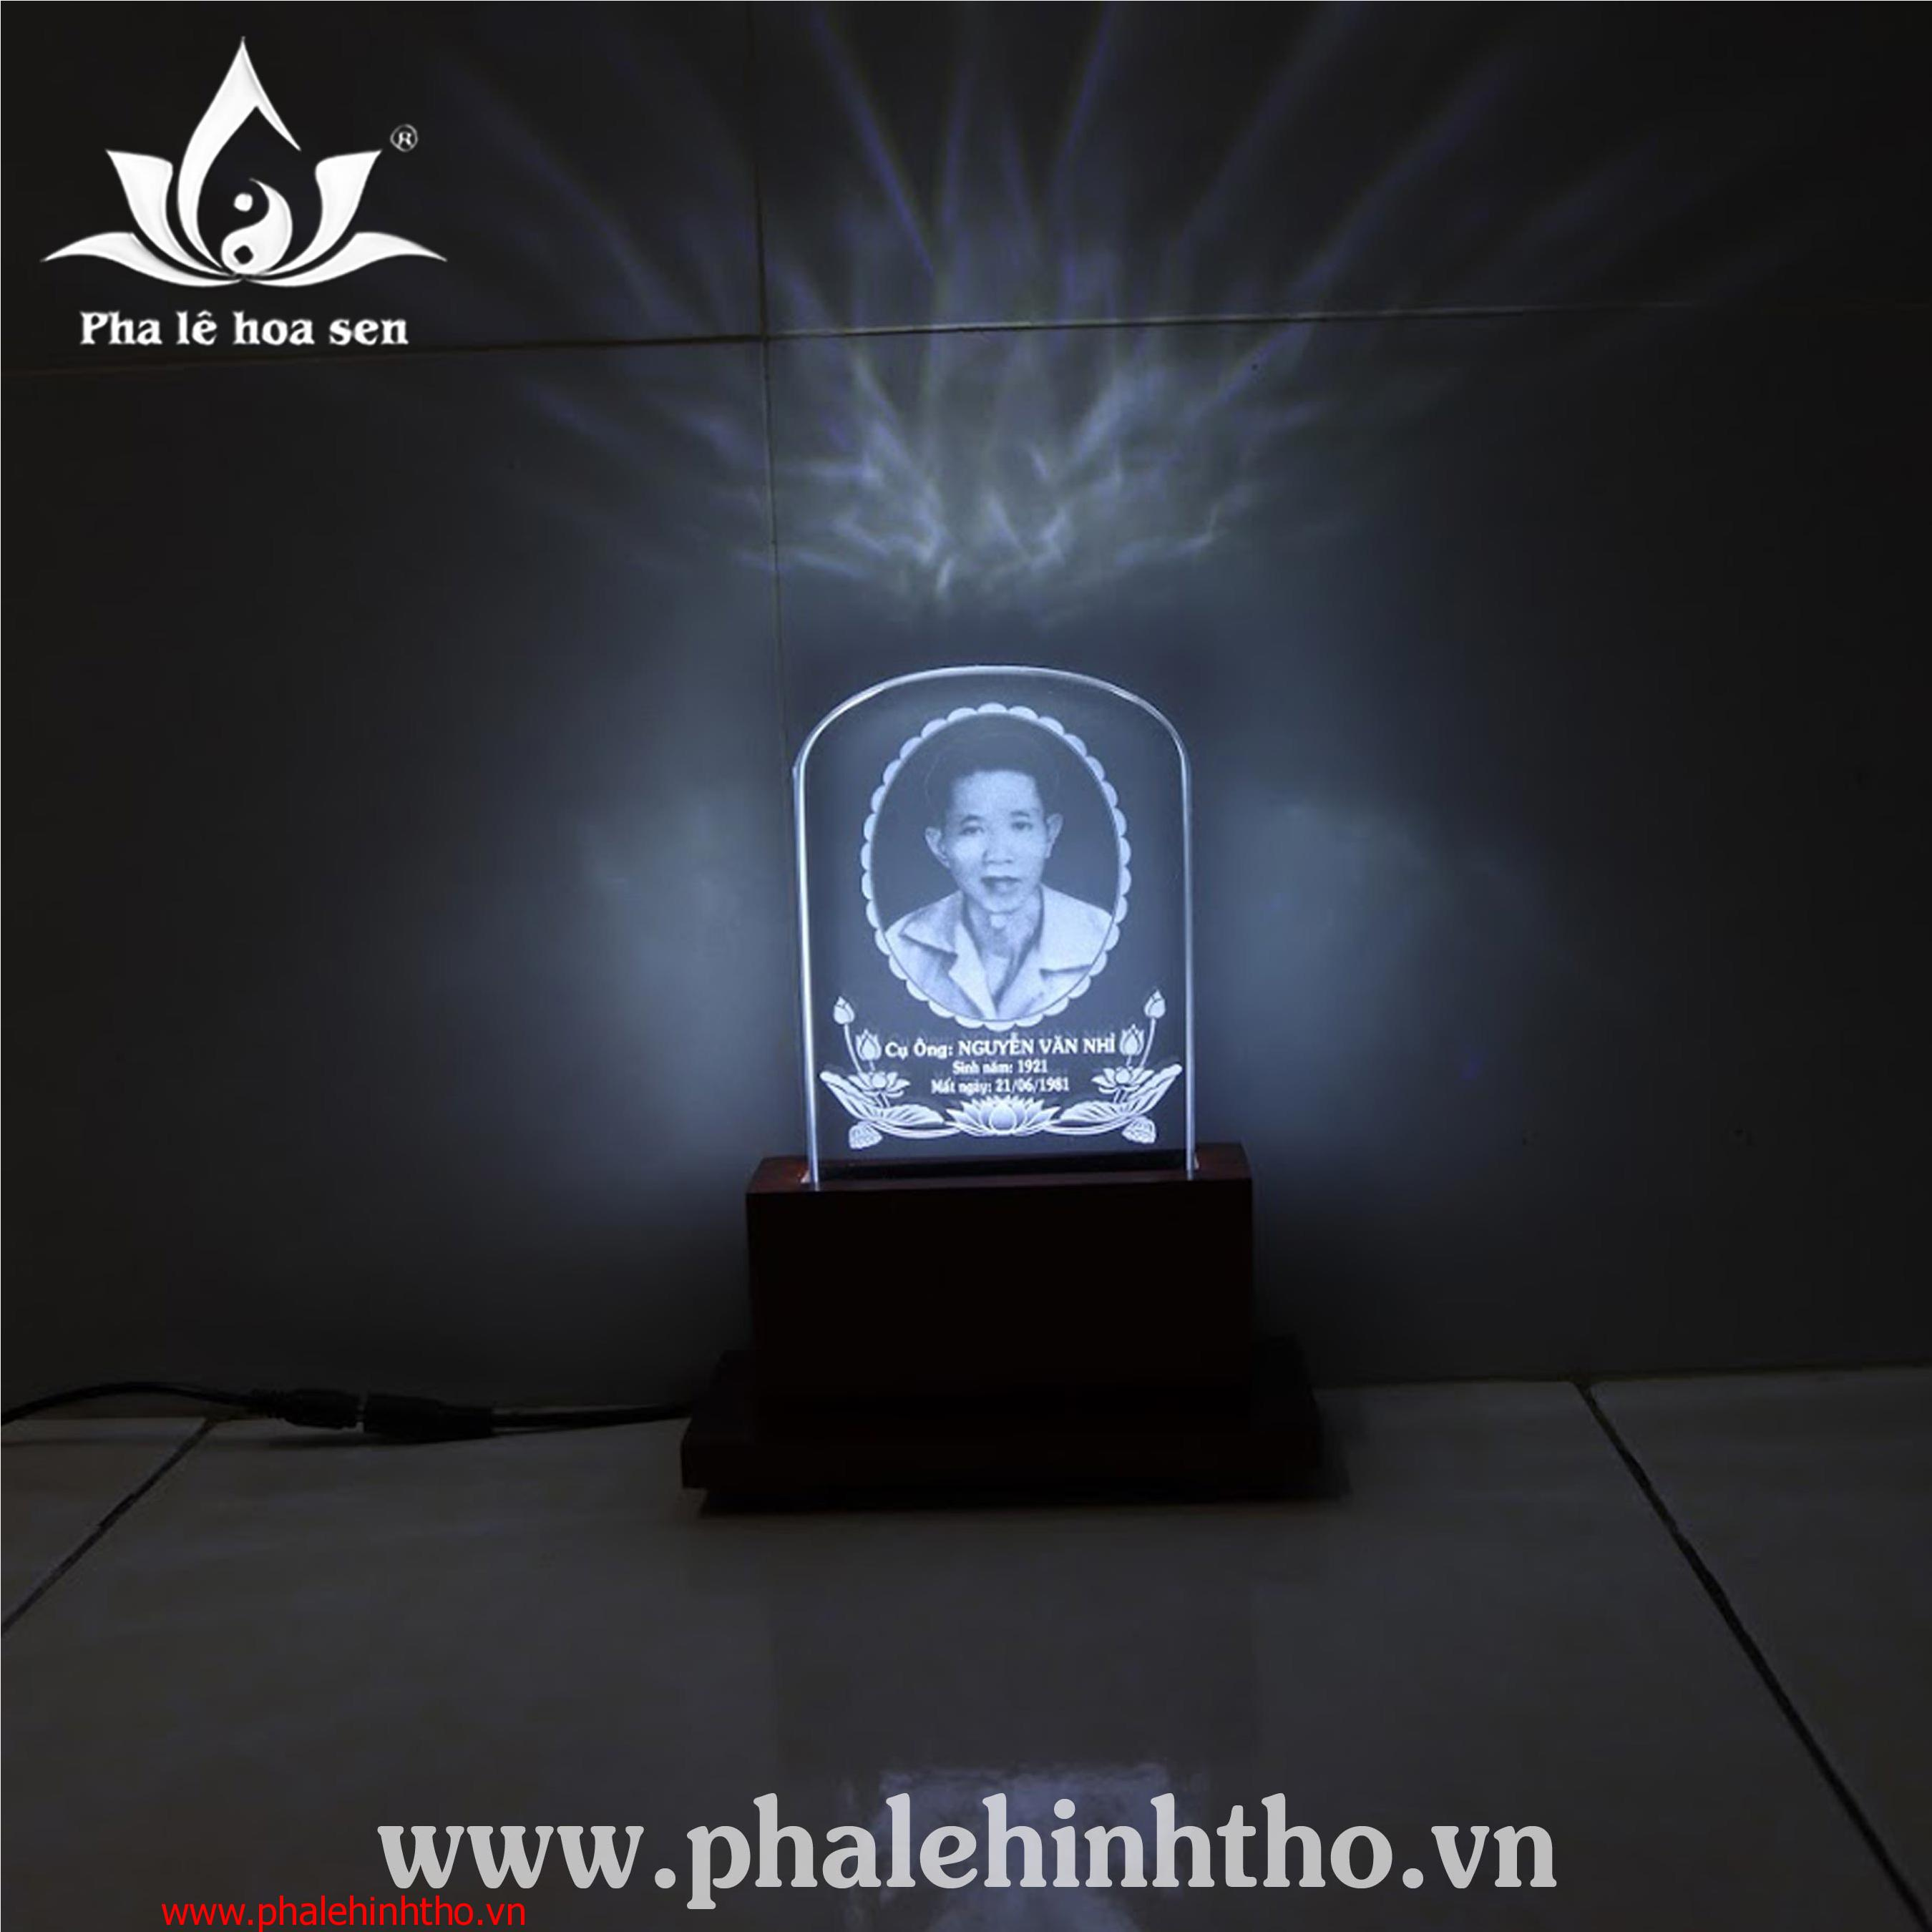 Pha lê ảnh thờ khắc laser 10x15cm